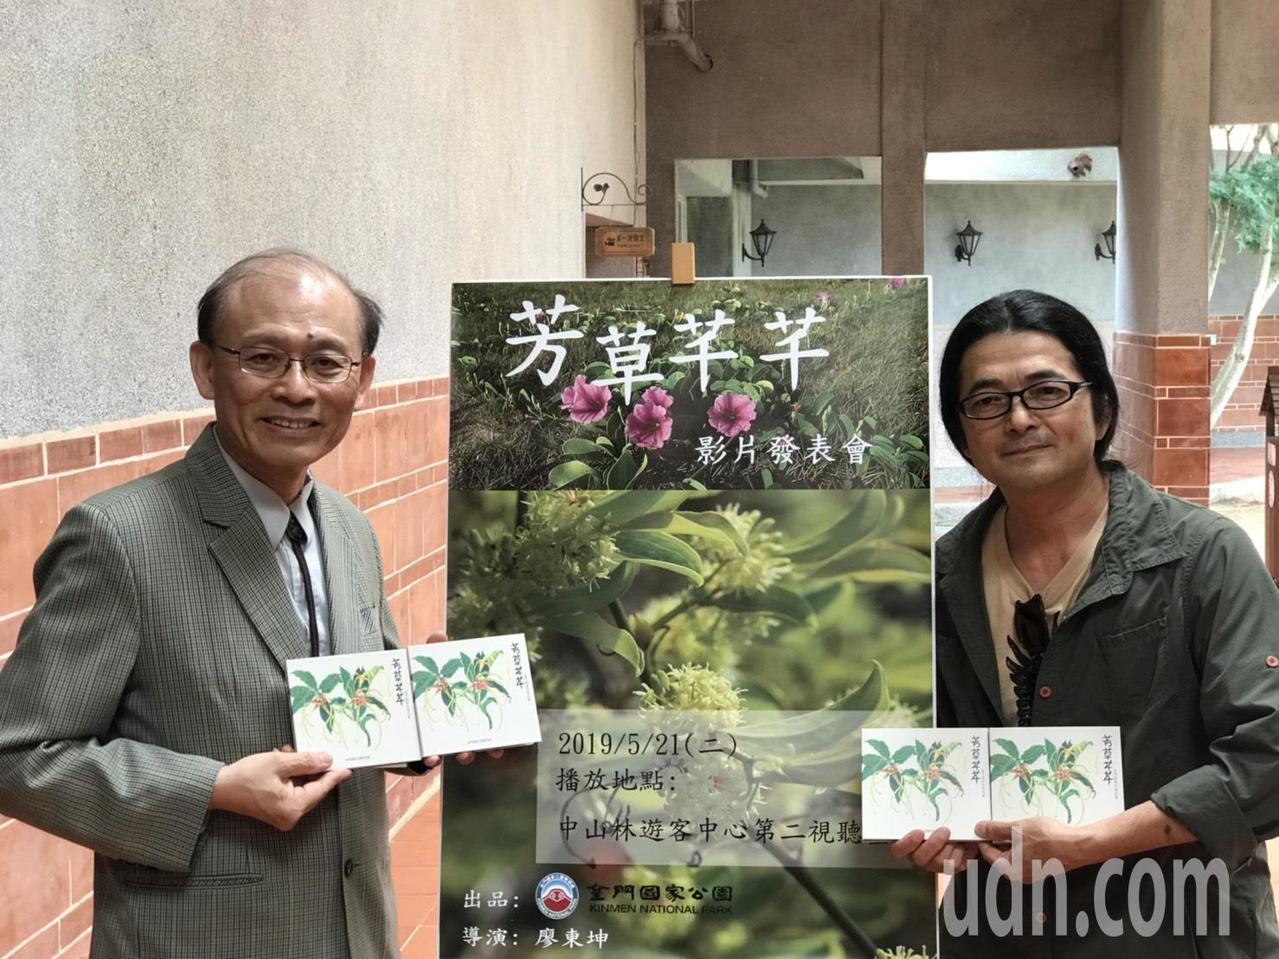 金門發表紀錄片「芳草芊芊」 縮時攝影記錄生態之美